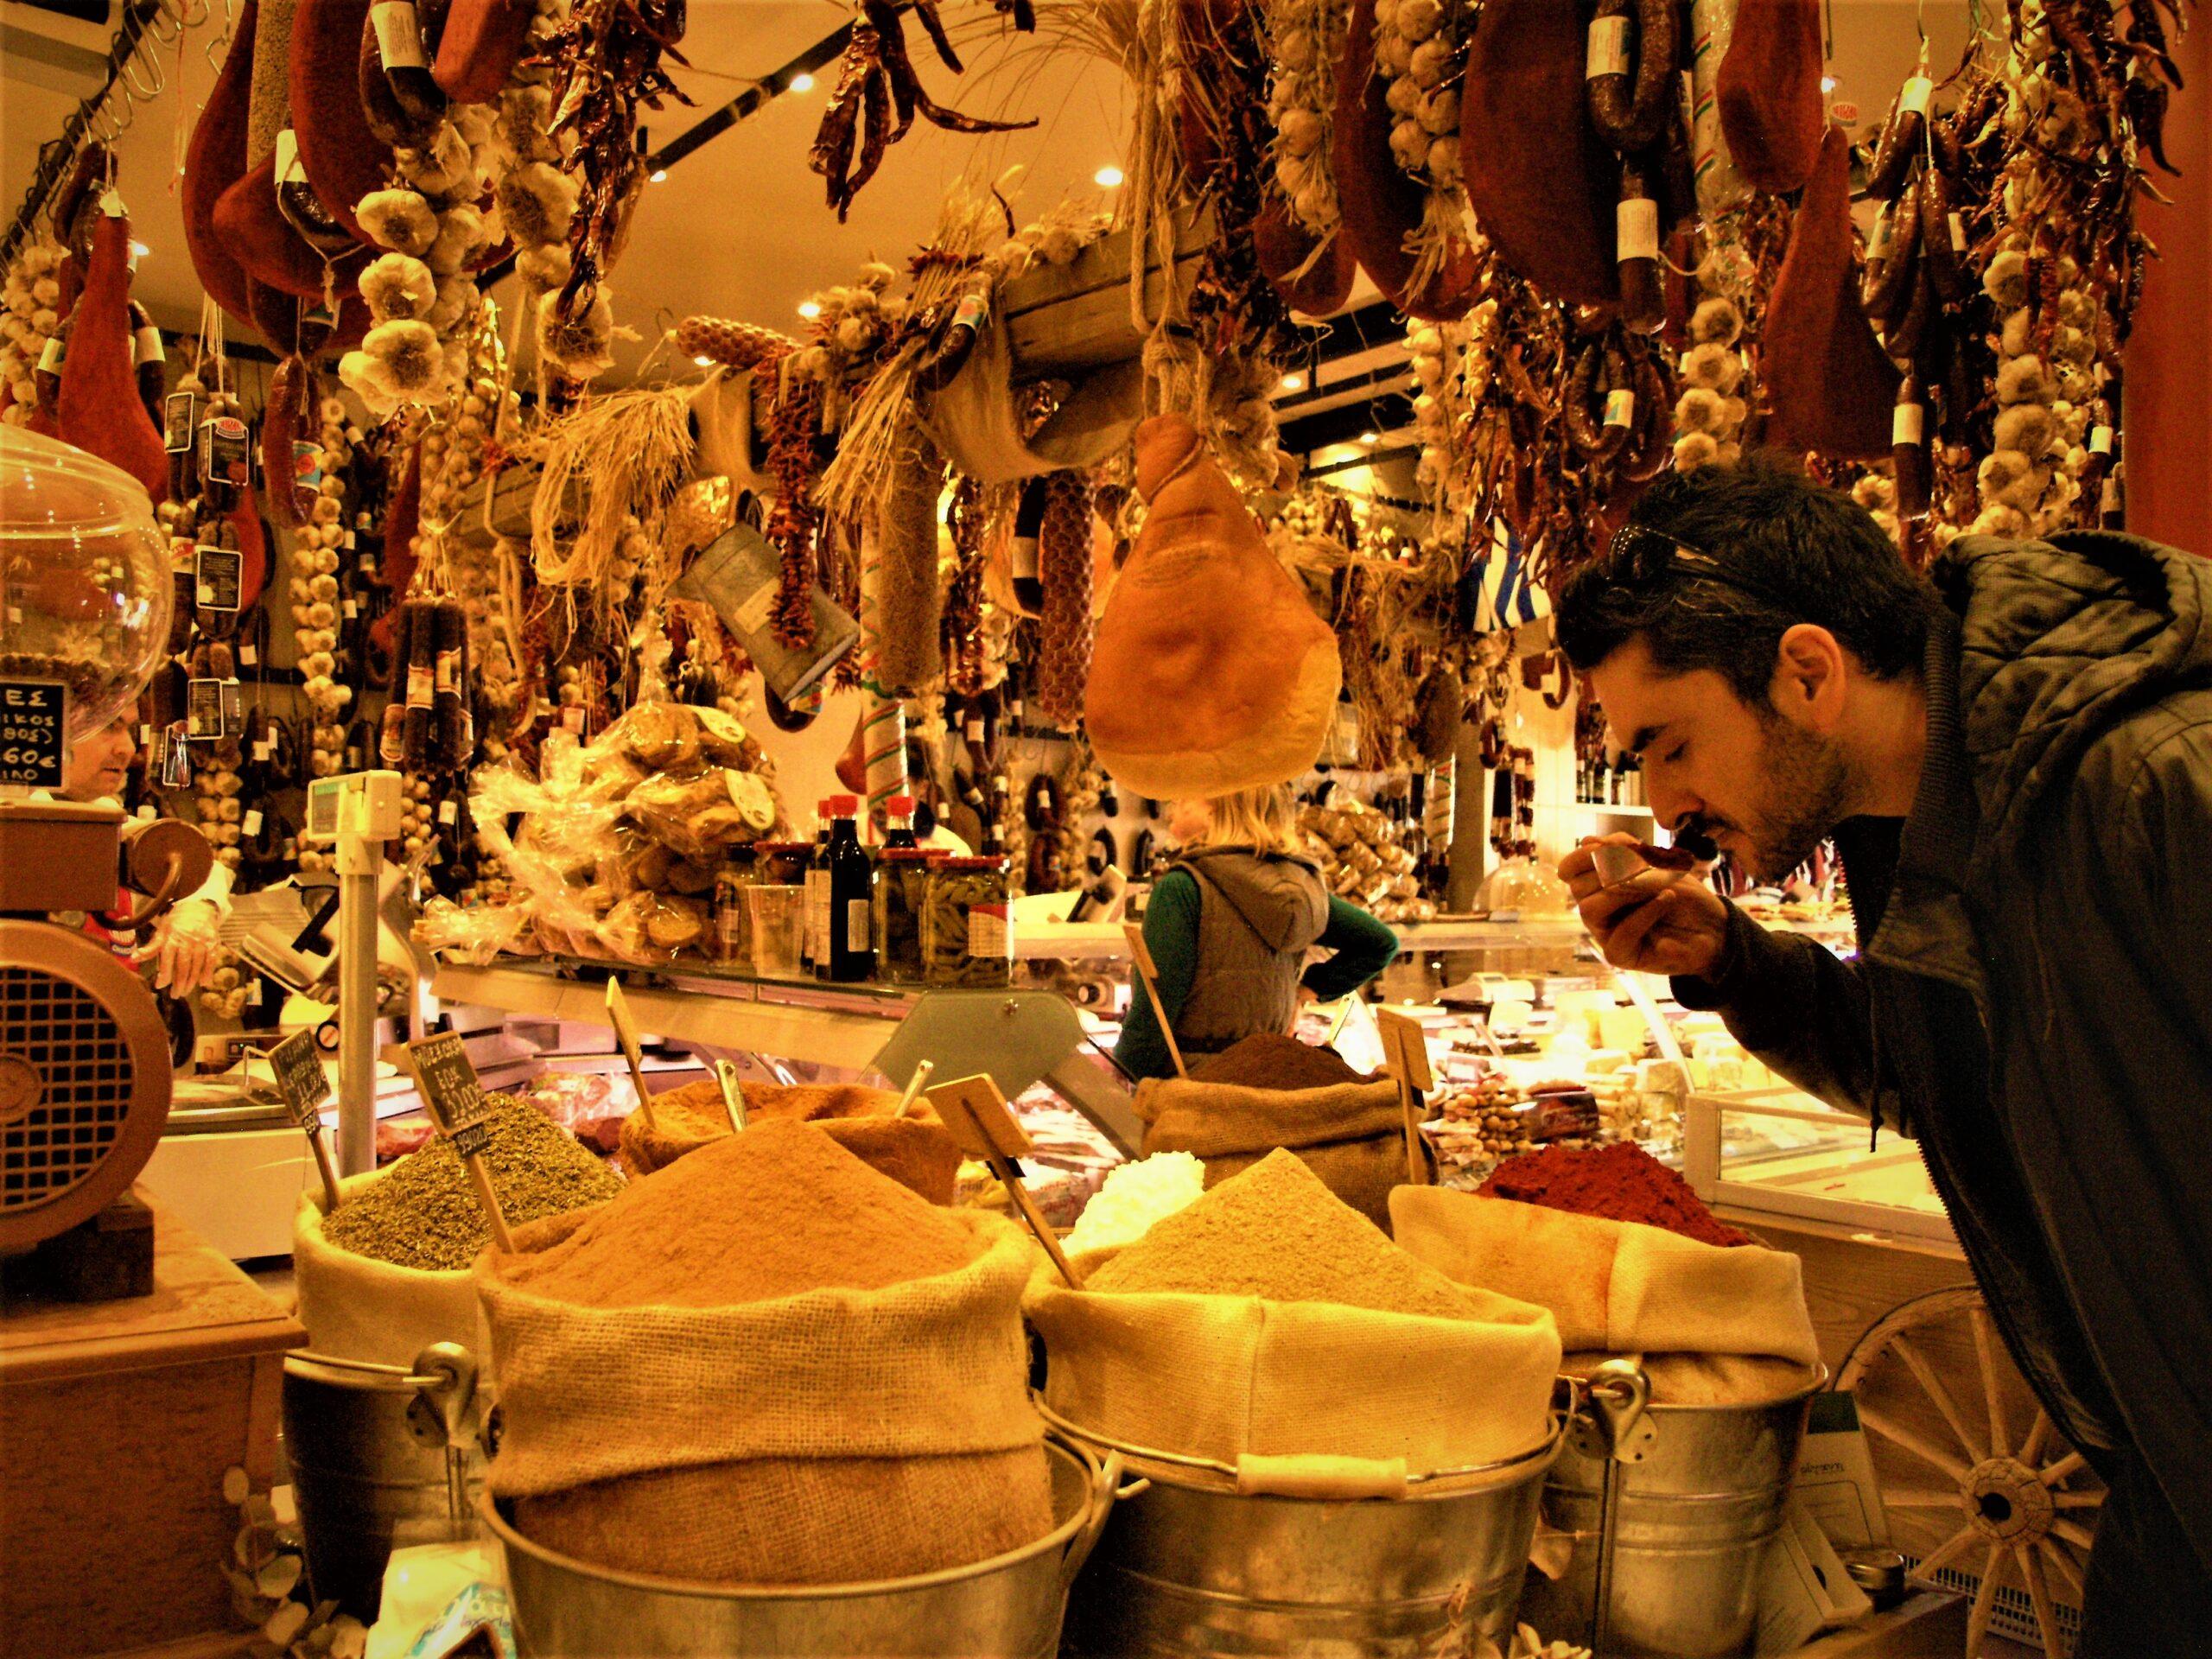 Αθήνα, Βαρβάκειος αγορά, food tour